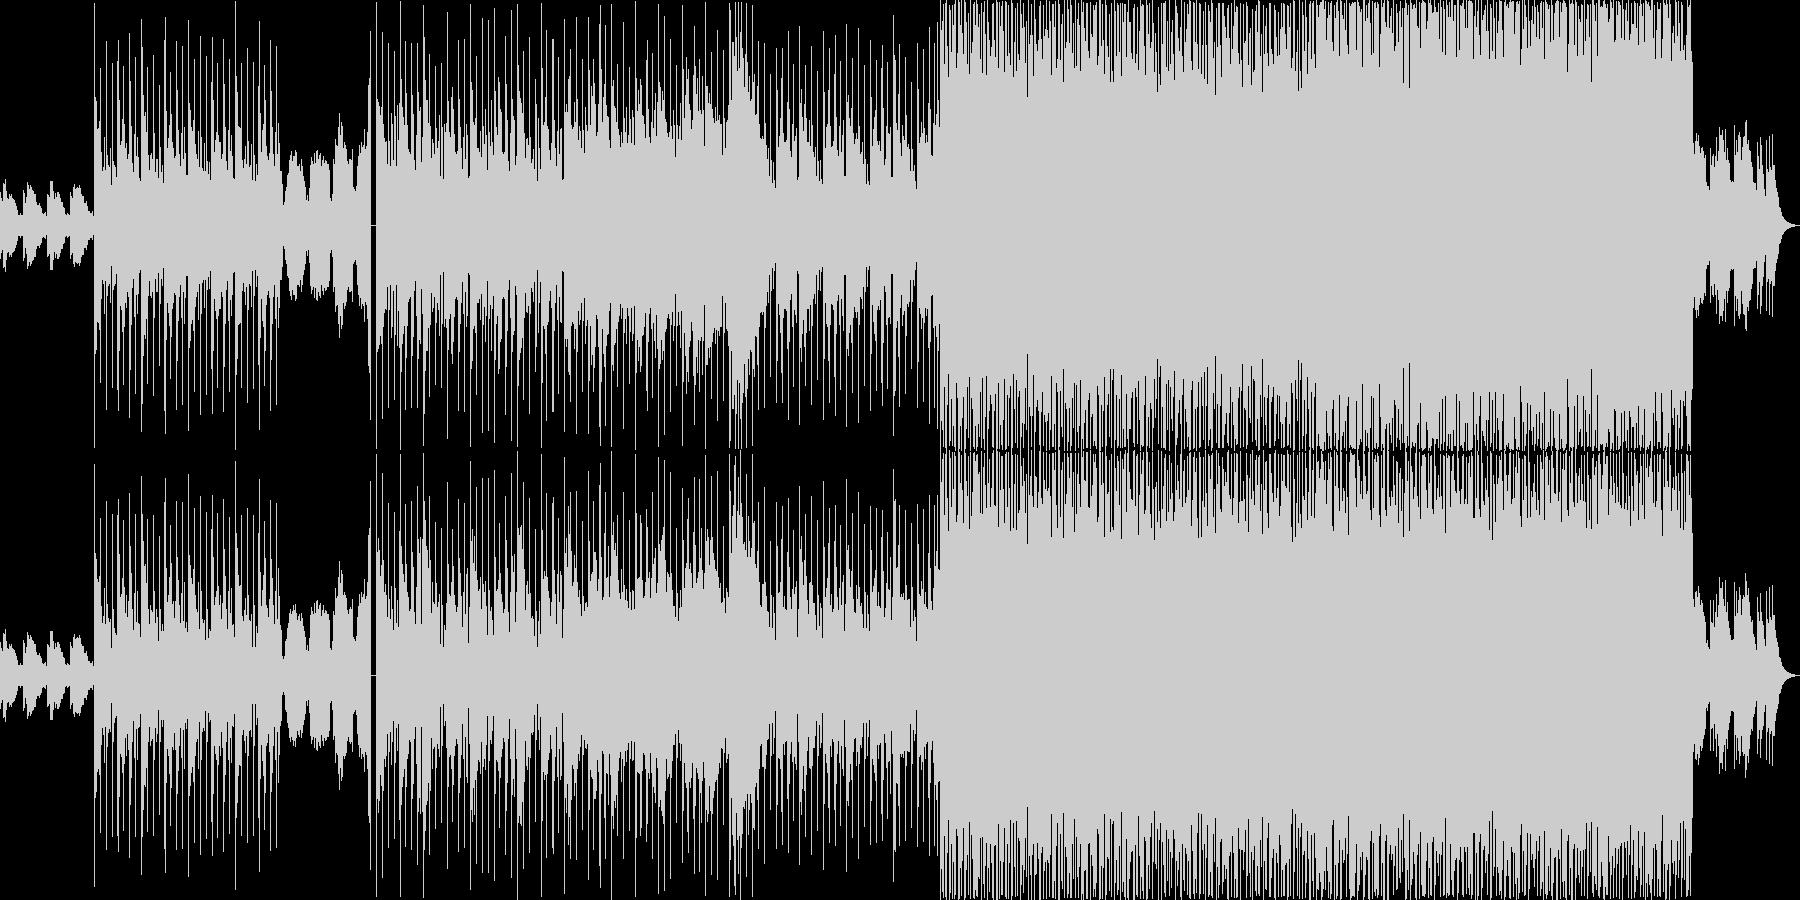 心の移り変わりを表した幻想的な曲の未再生の波形